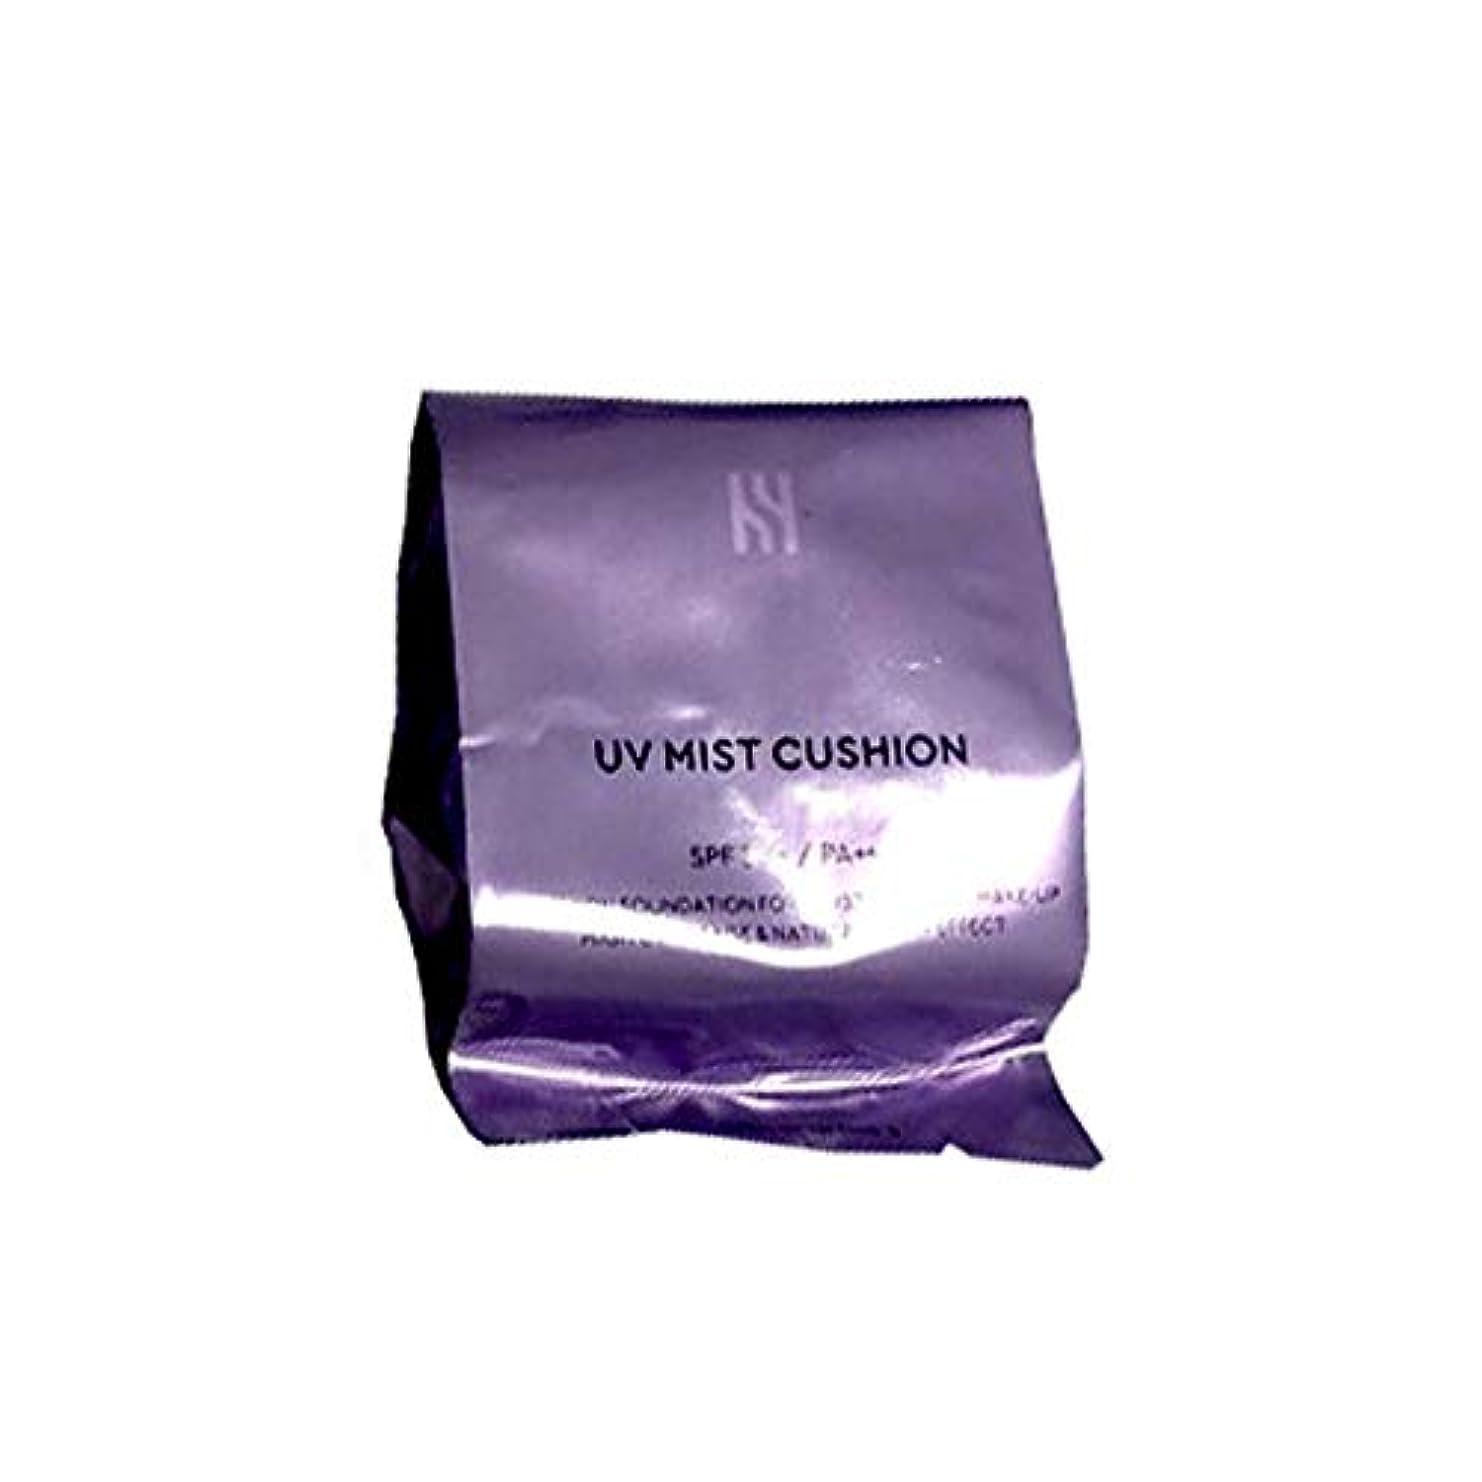 出血アセンブリ性能HERA(ヘラ) UVミストクッション(カバー)SPF50+/PA+++ [リフィルのみ] C17号/ロゼバニラ